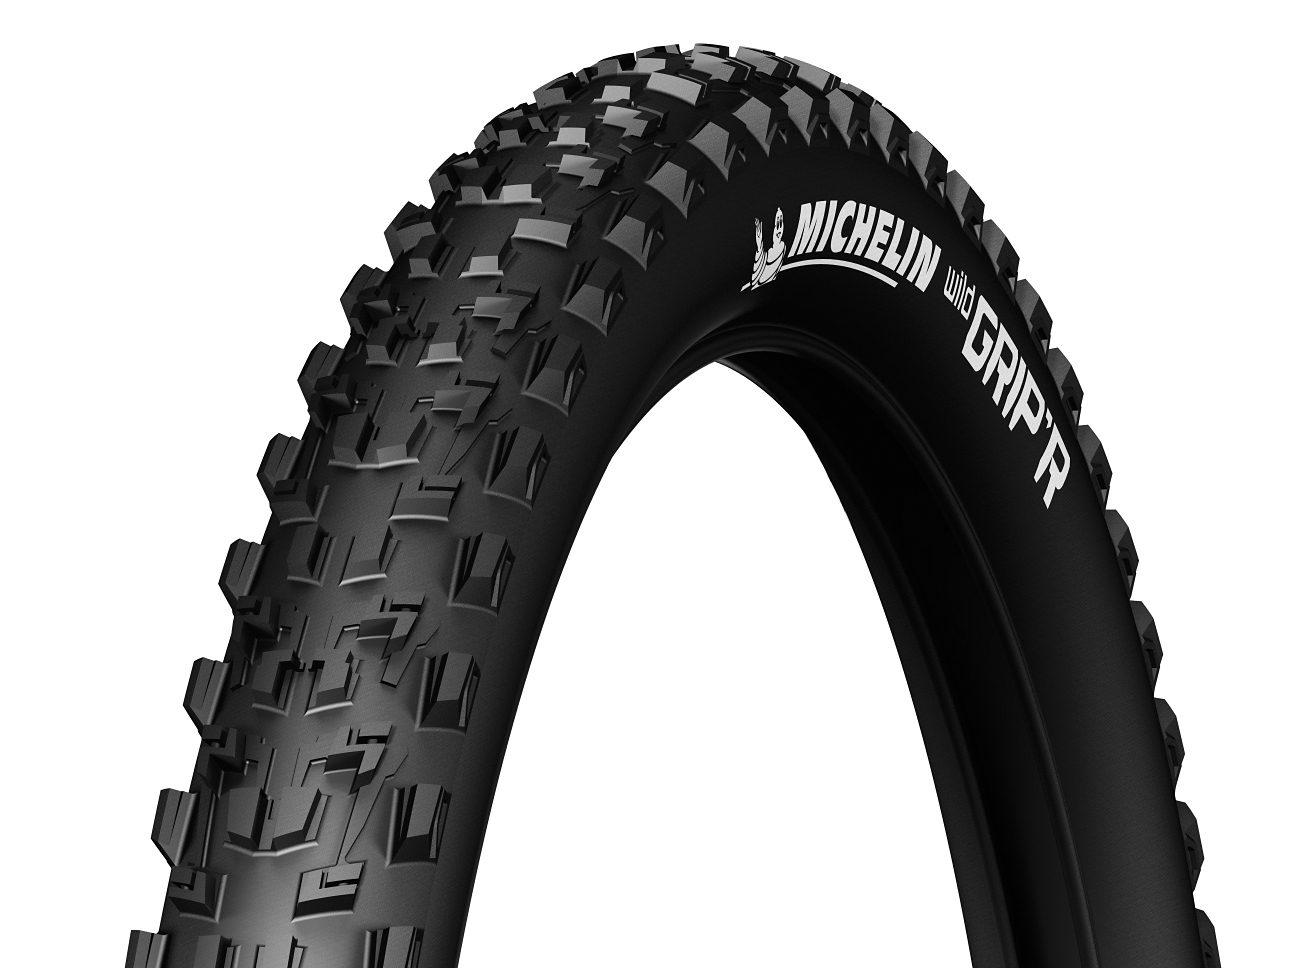 Michelin Fahrradreifen »Wild Grip'R2 Advanced Fahrradreifen 29 x 2.35«